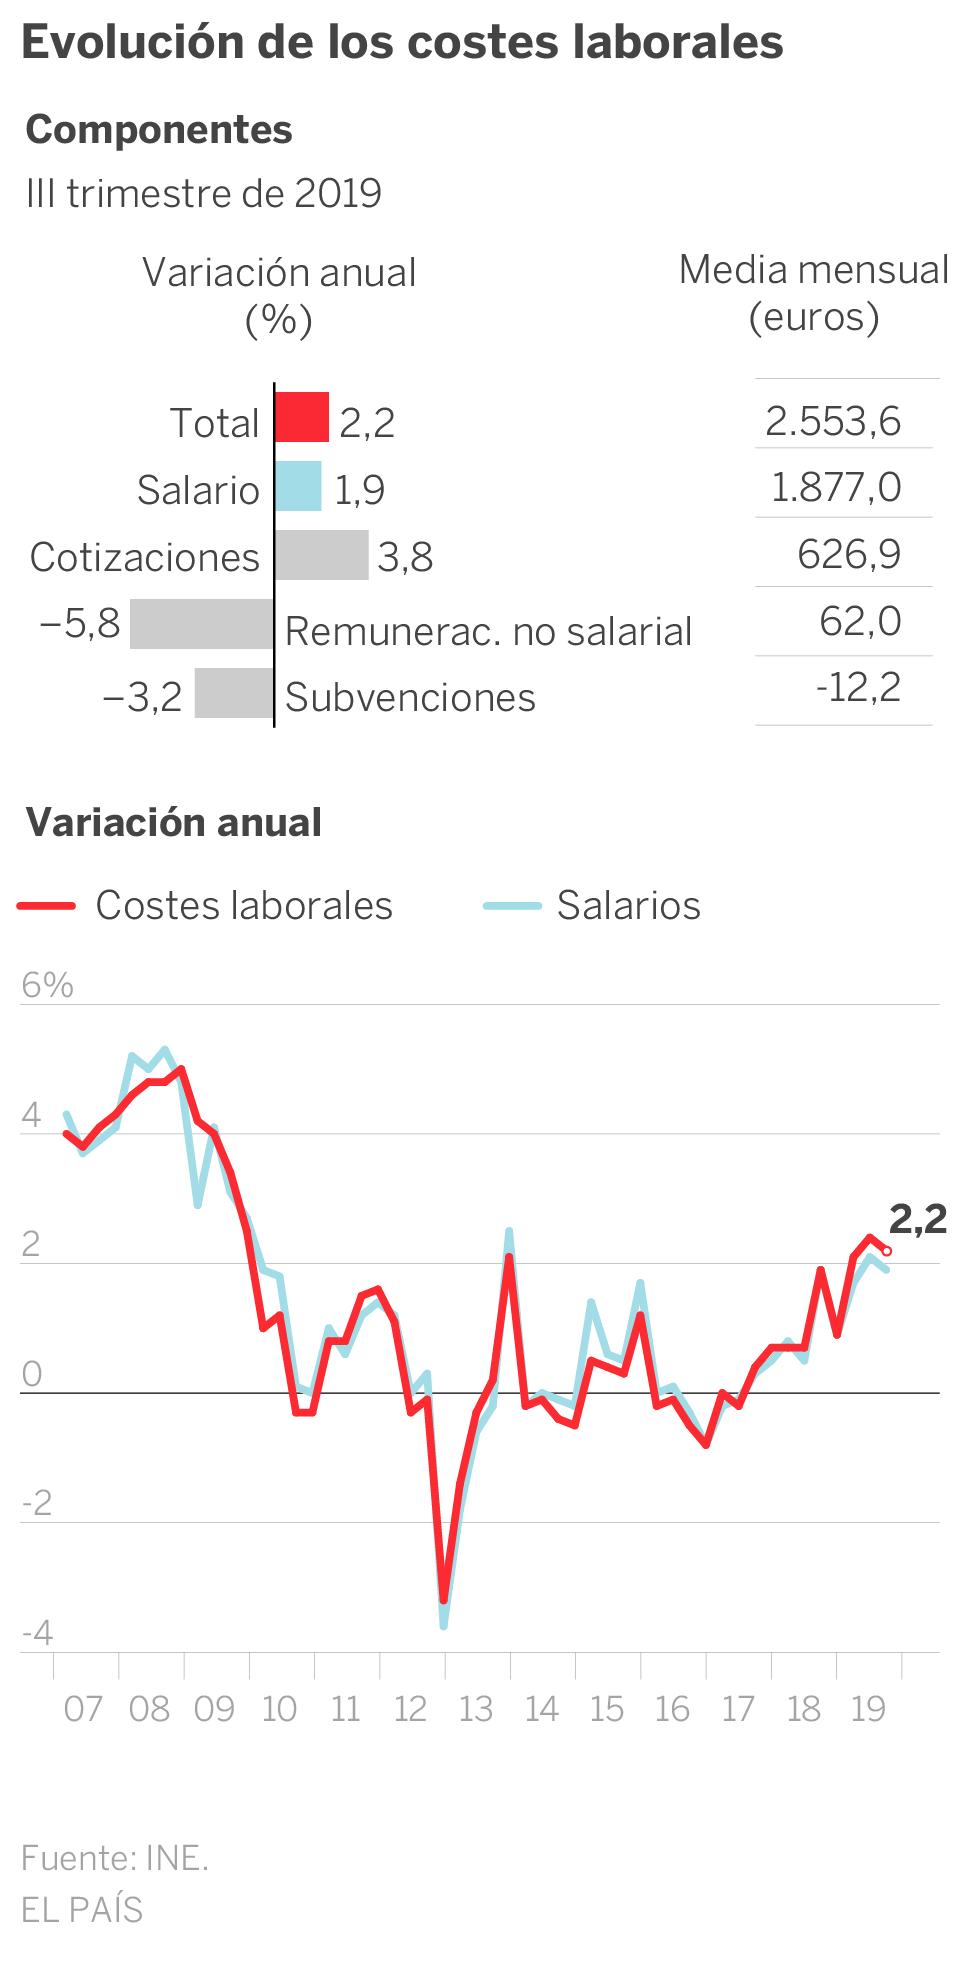 Los costes laborales crecen en 2019 al mayor ritmo en los últimos 10 años